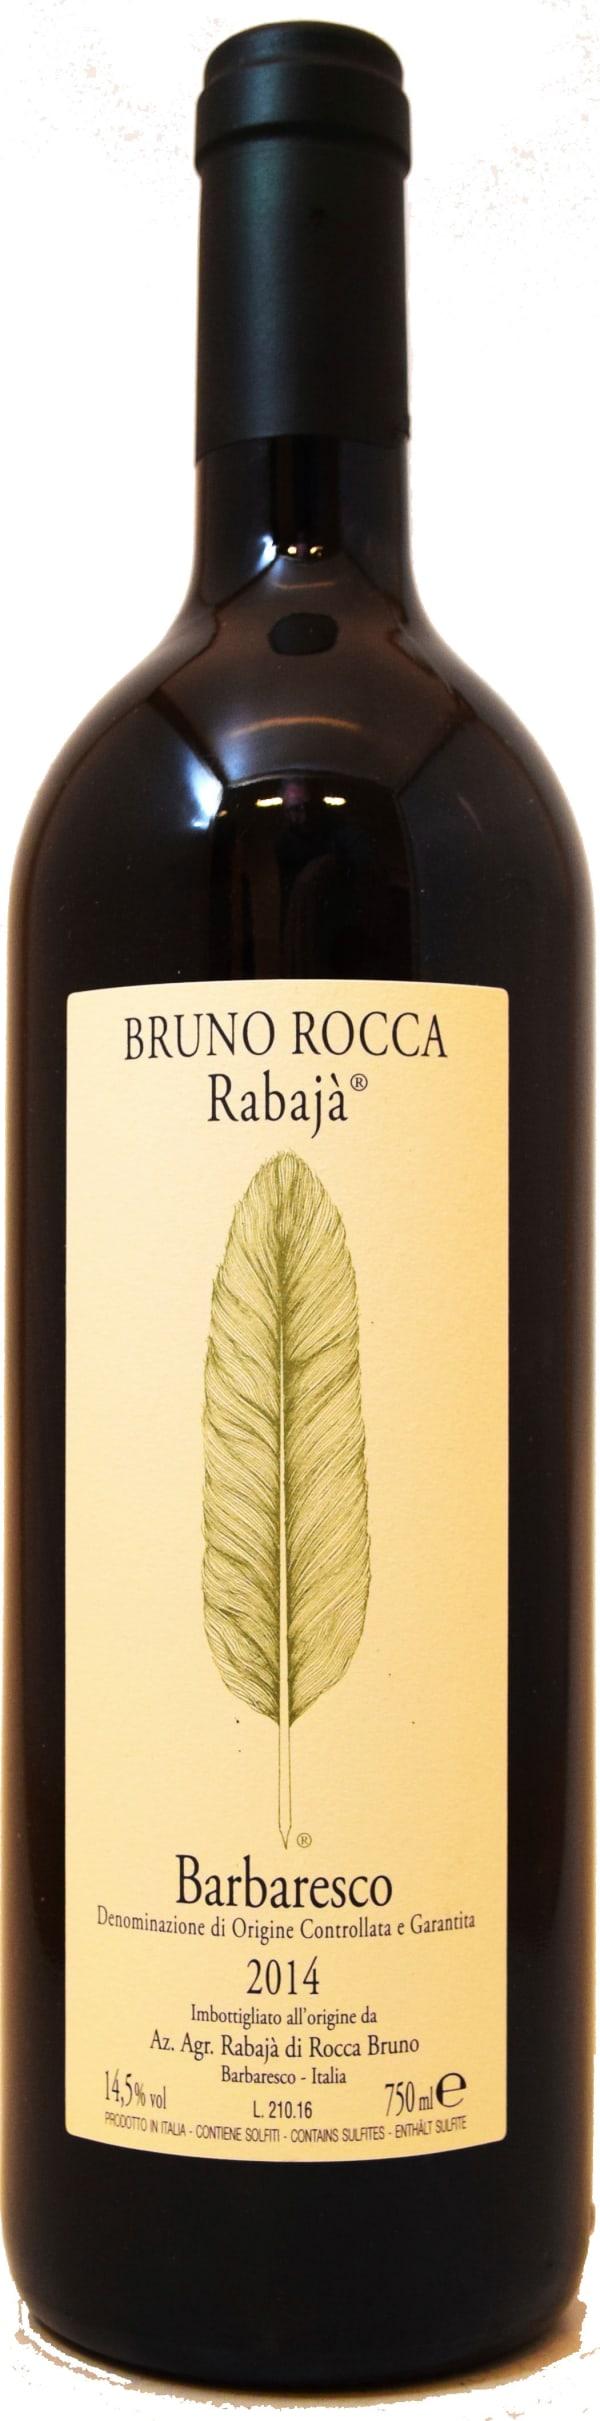 Bruno Rocca Rabaja Barbaresco 2015